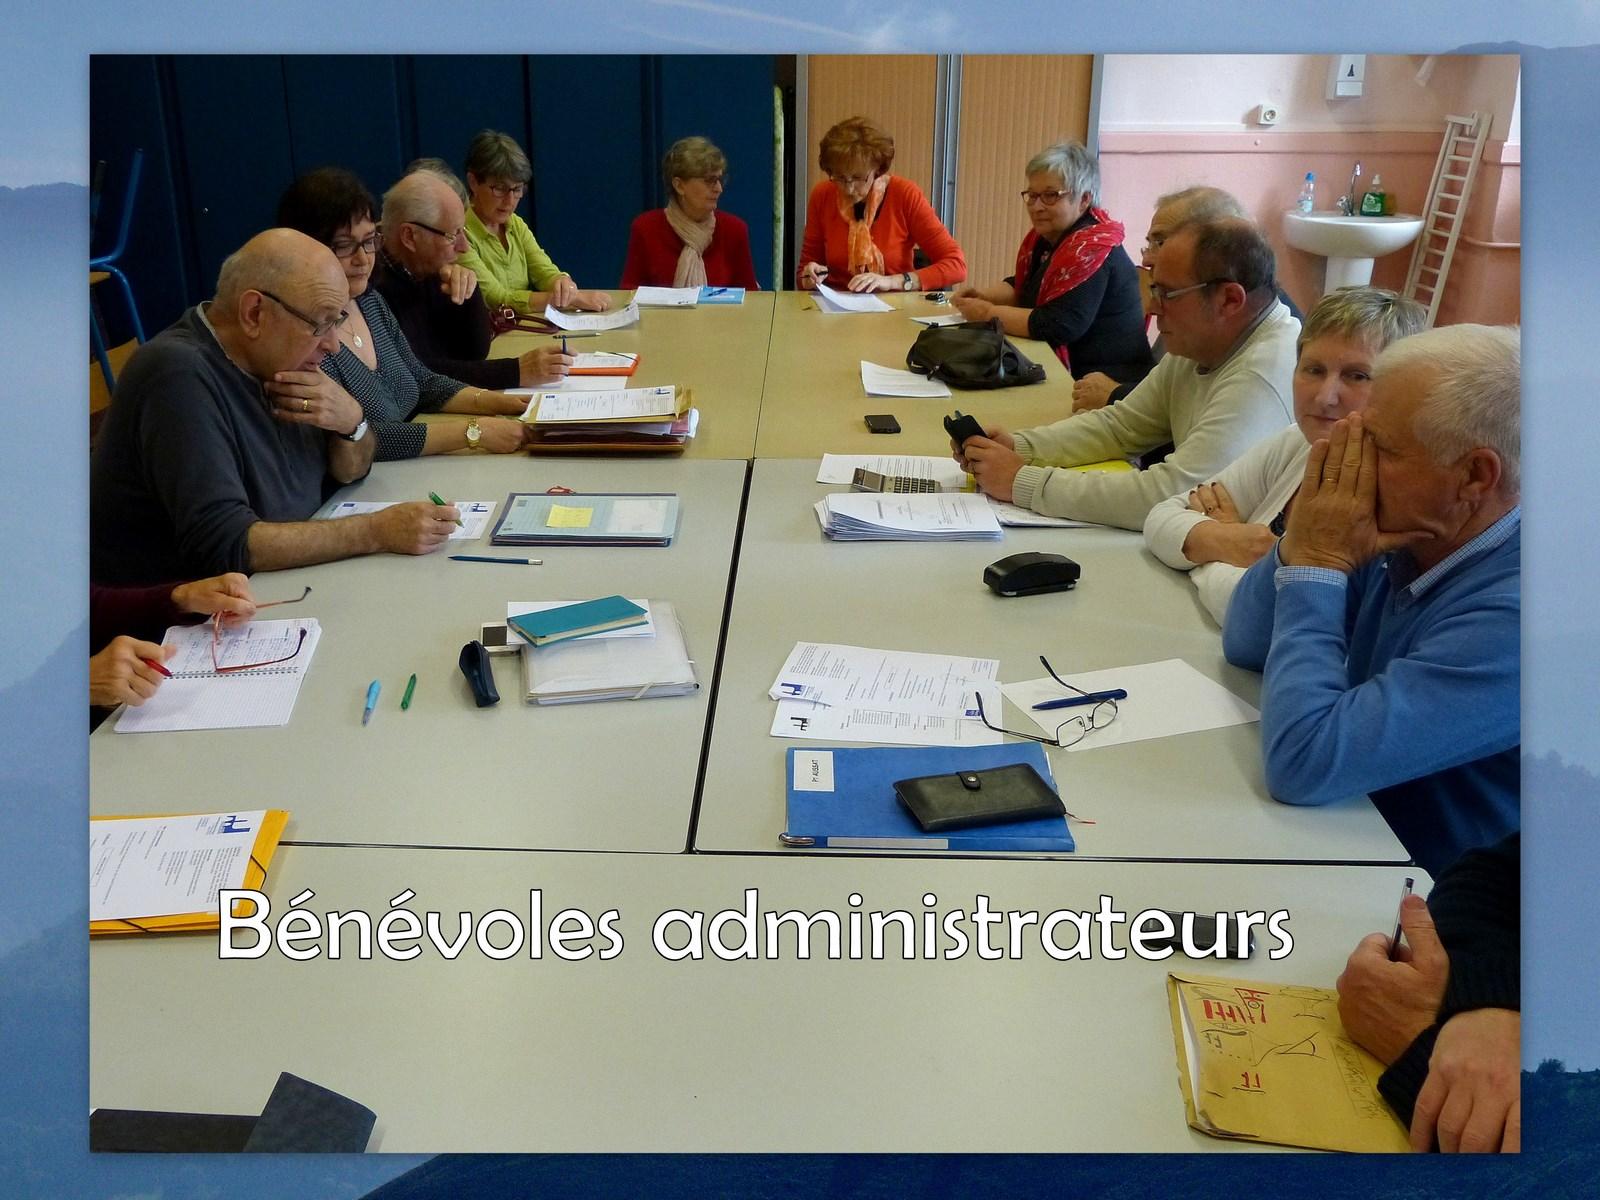 Bénévoles administrateurs (3)